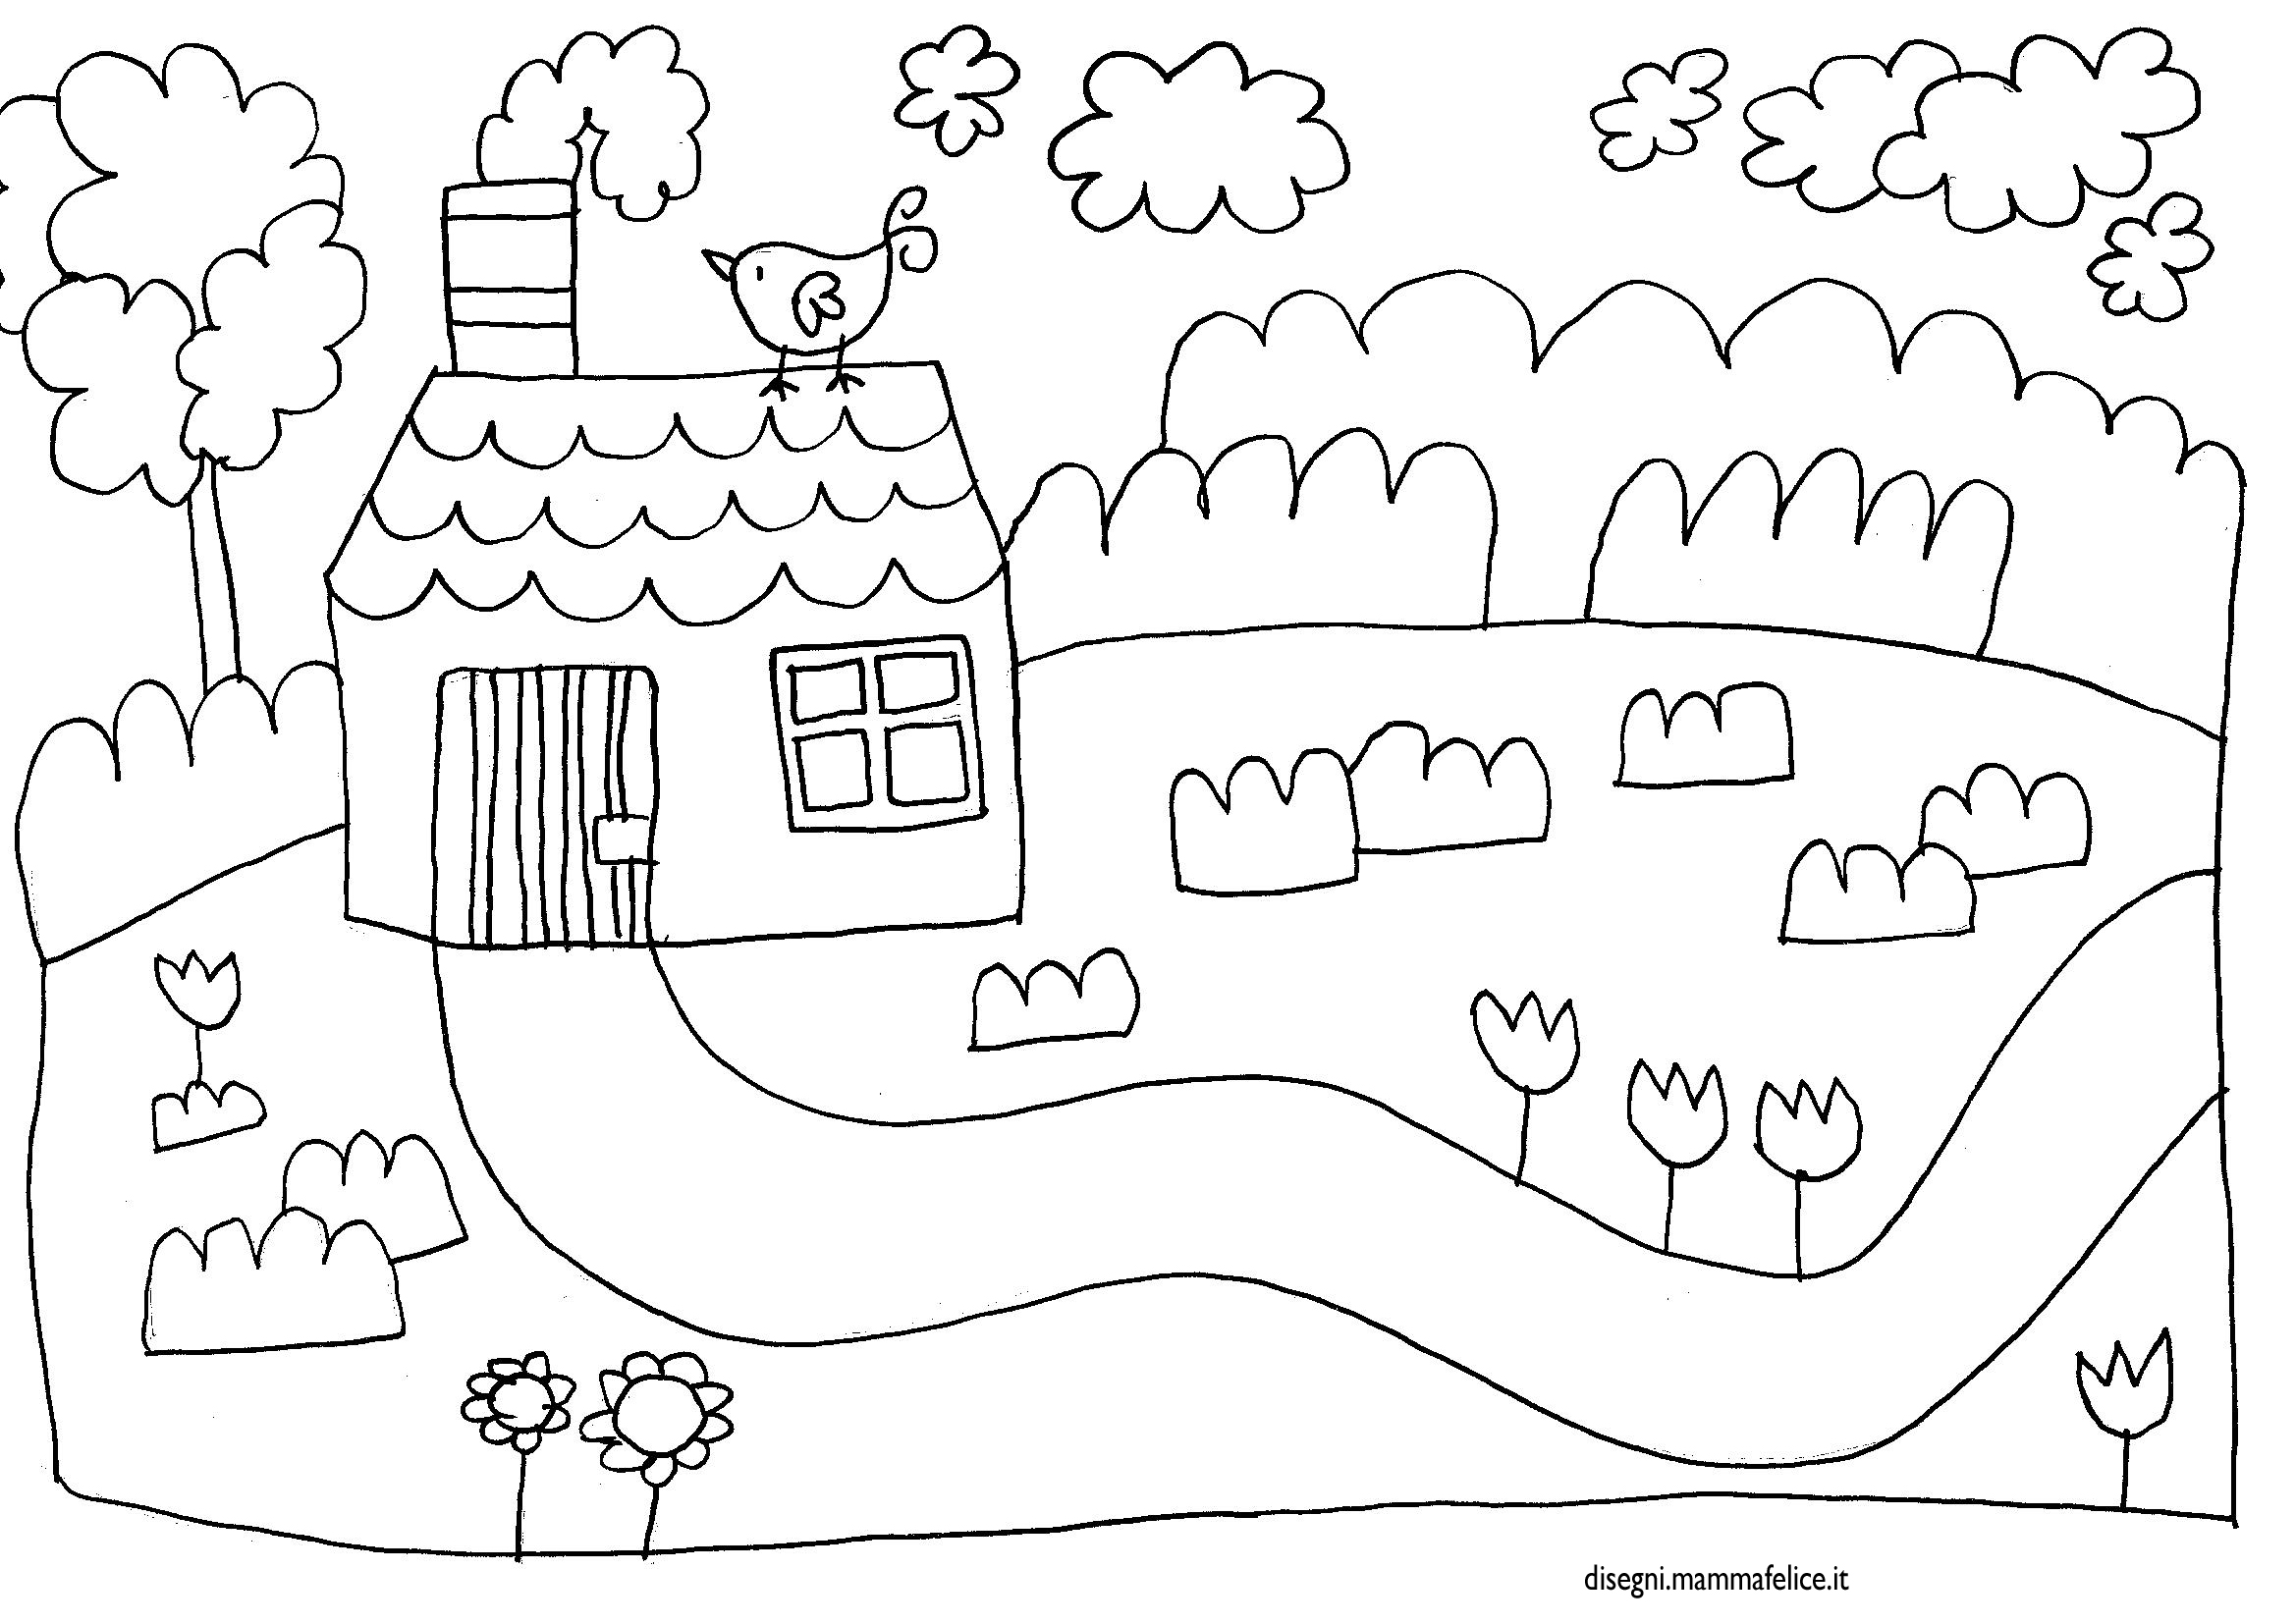 Disegni Paesaggi Da Colorare Per Bambini Fredrotgans